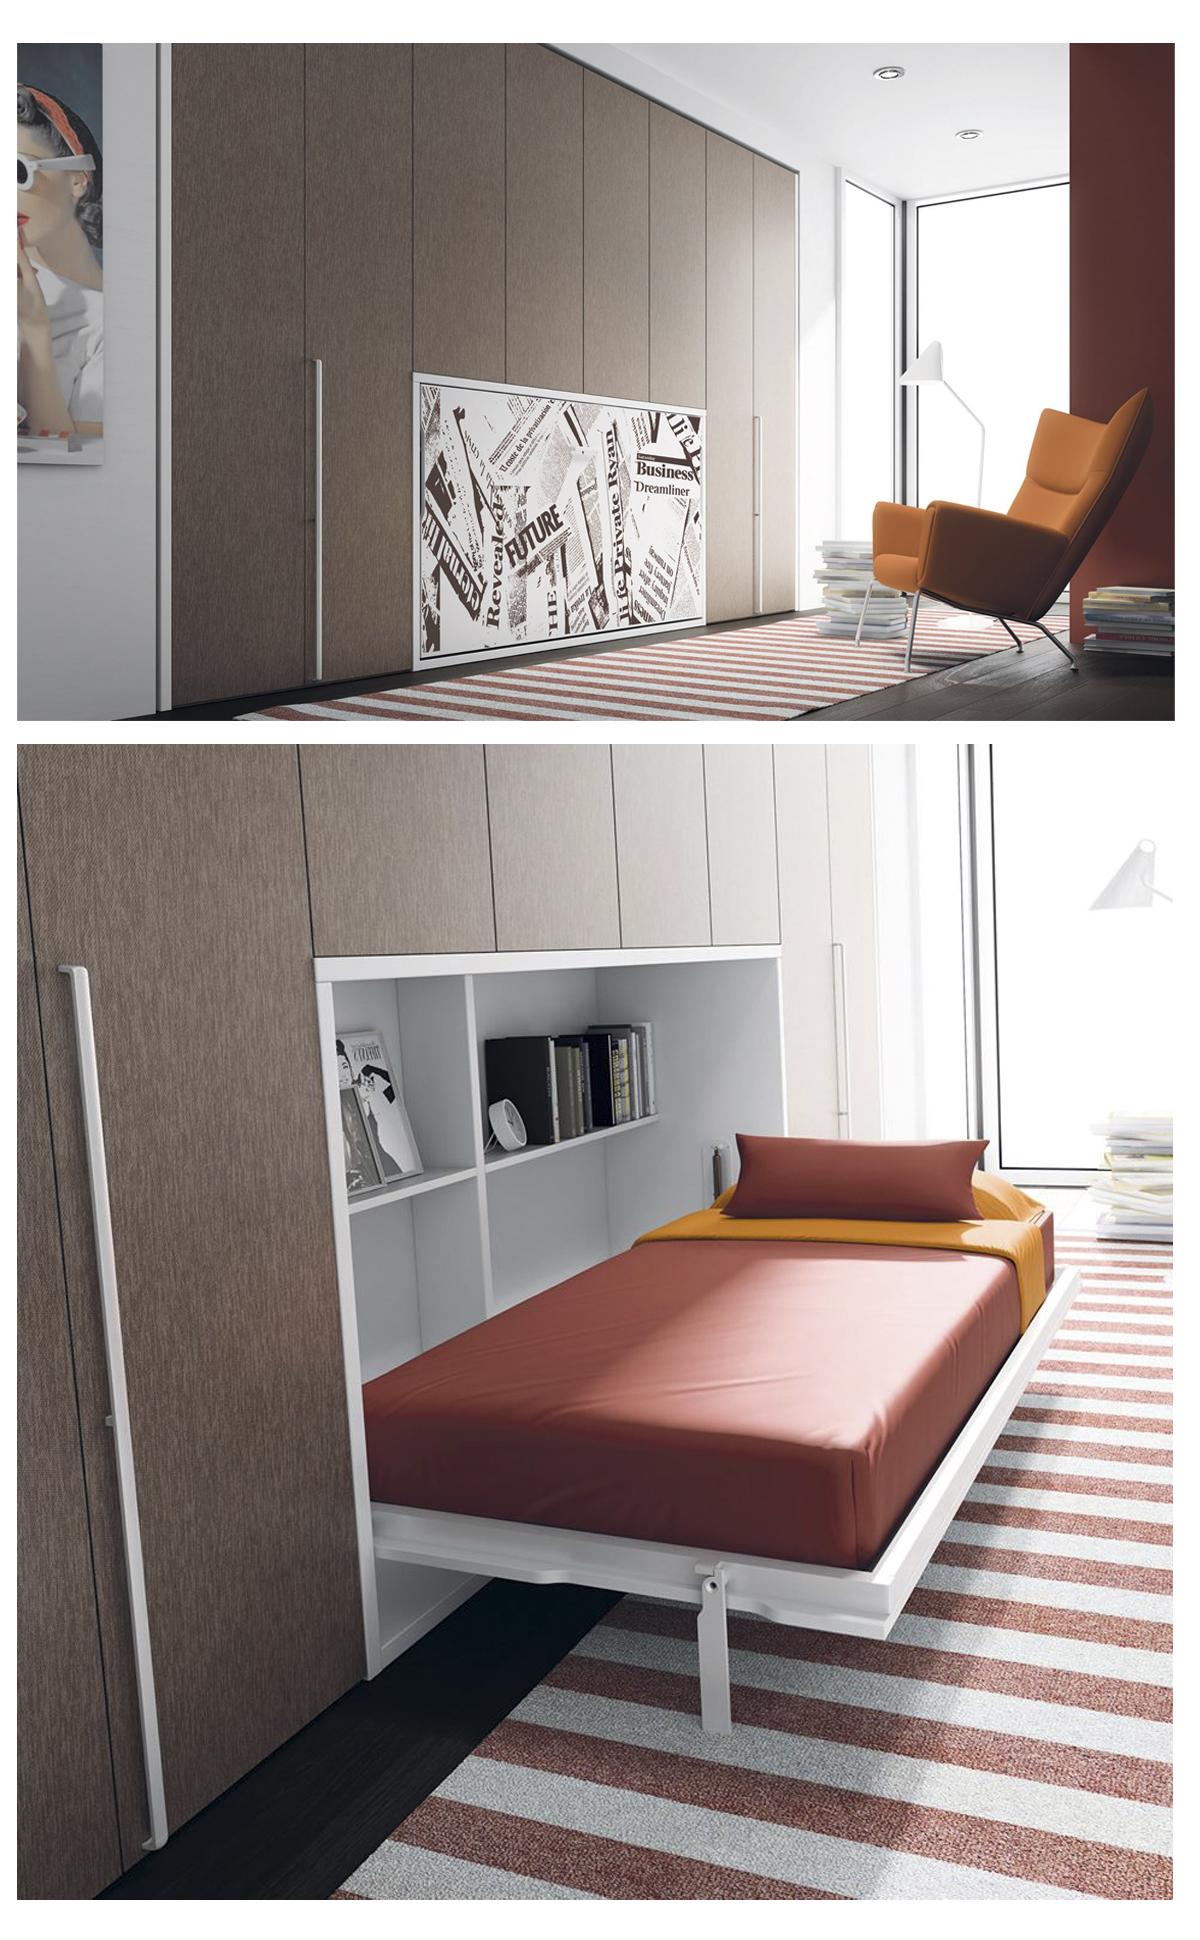 Literas juveniles ros muebles gasc n el blog - Camas muebles abatibles ...